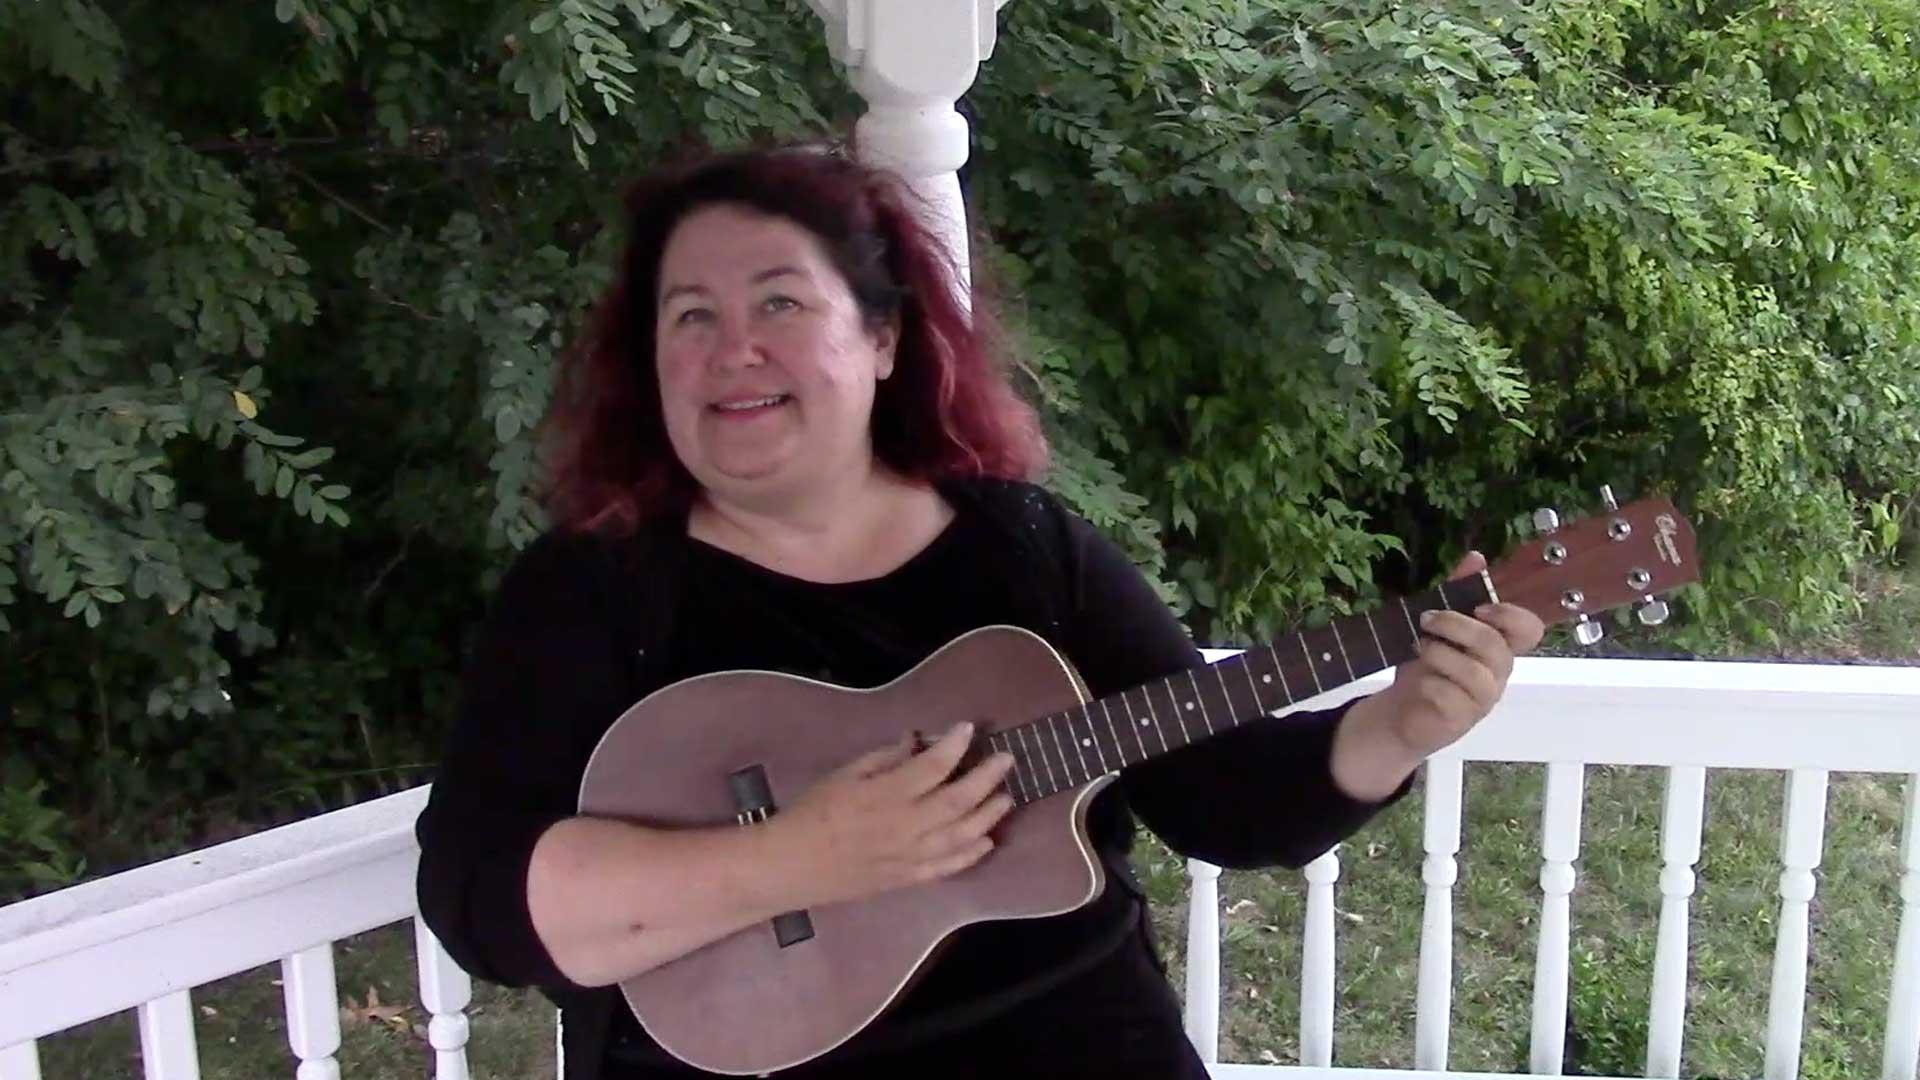 Melanie plays her ukulele